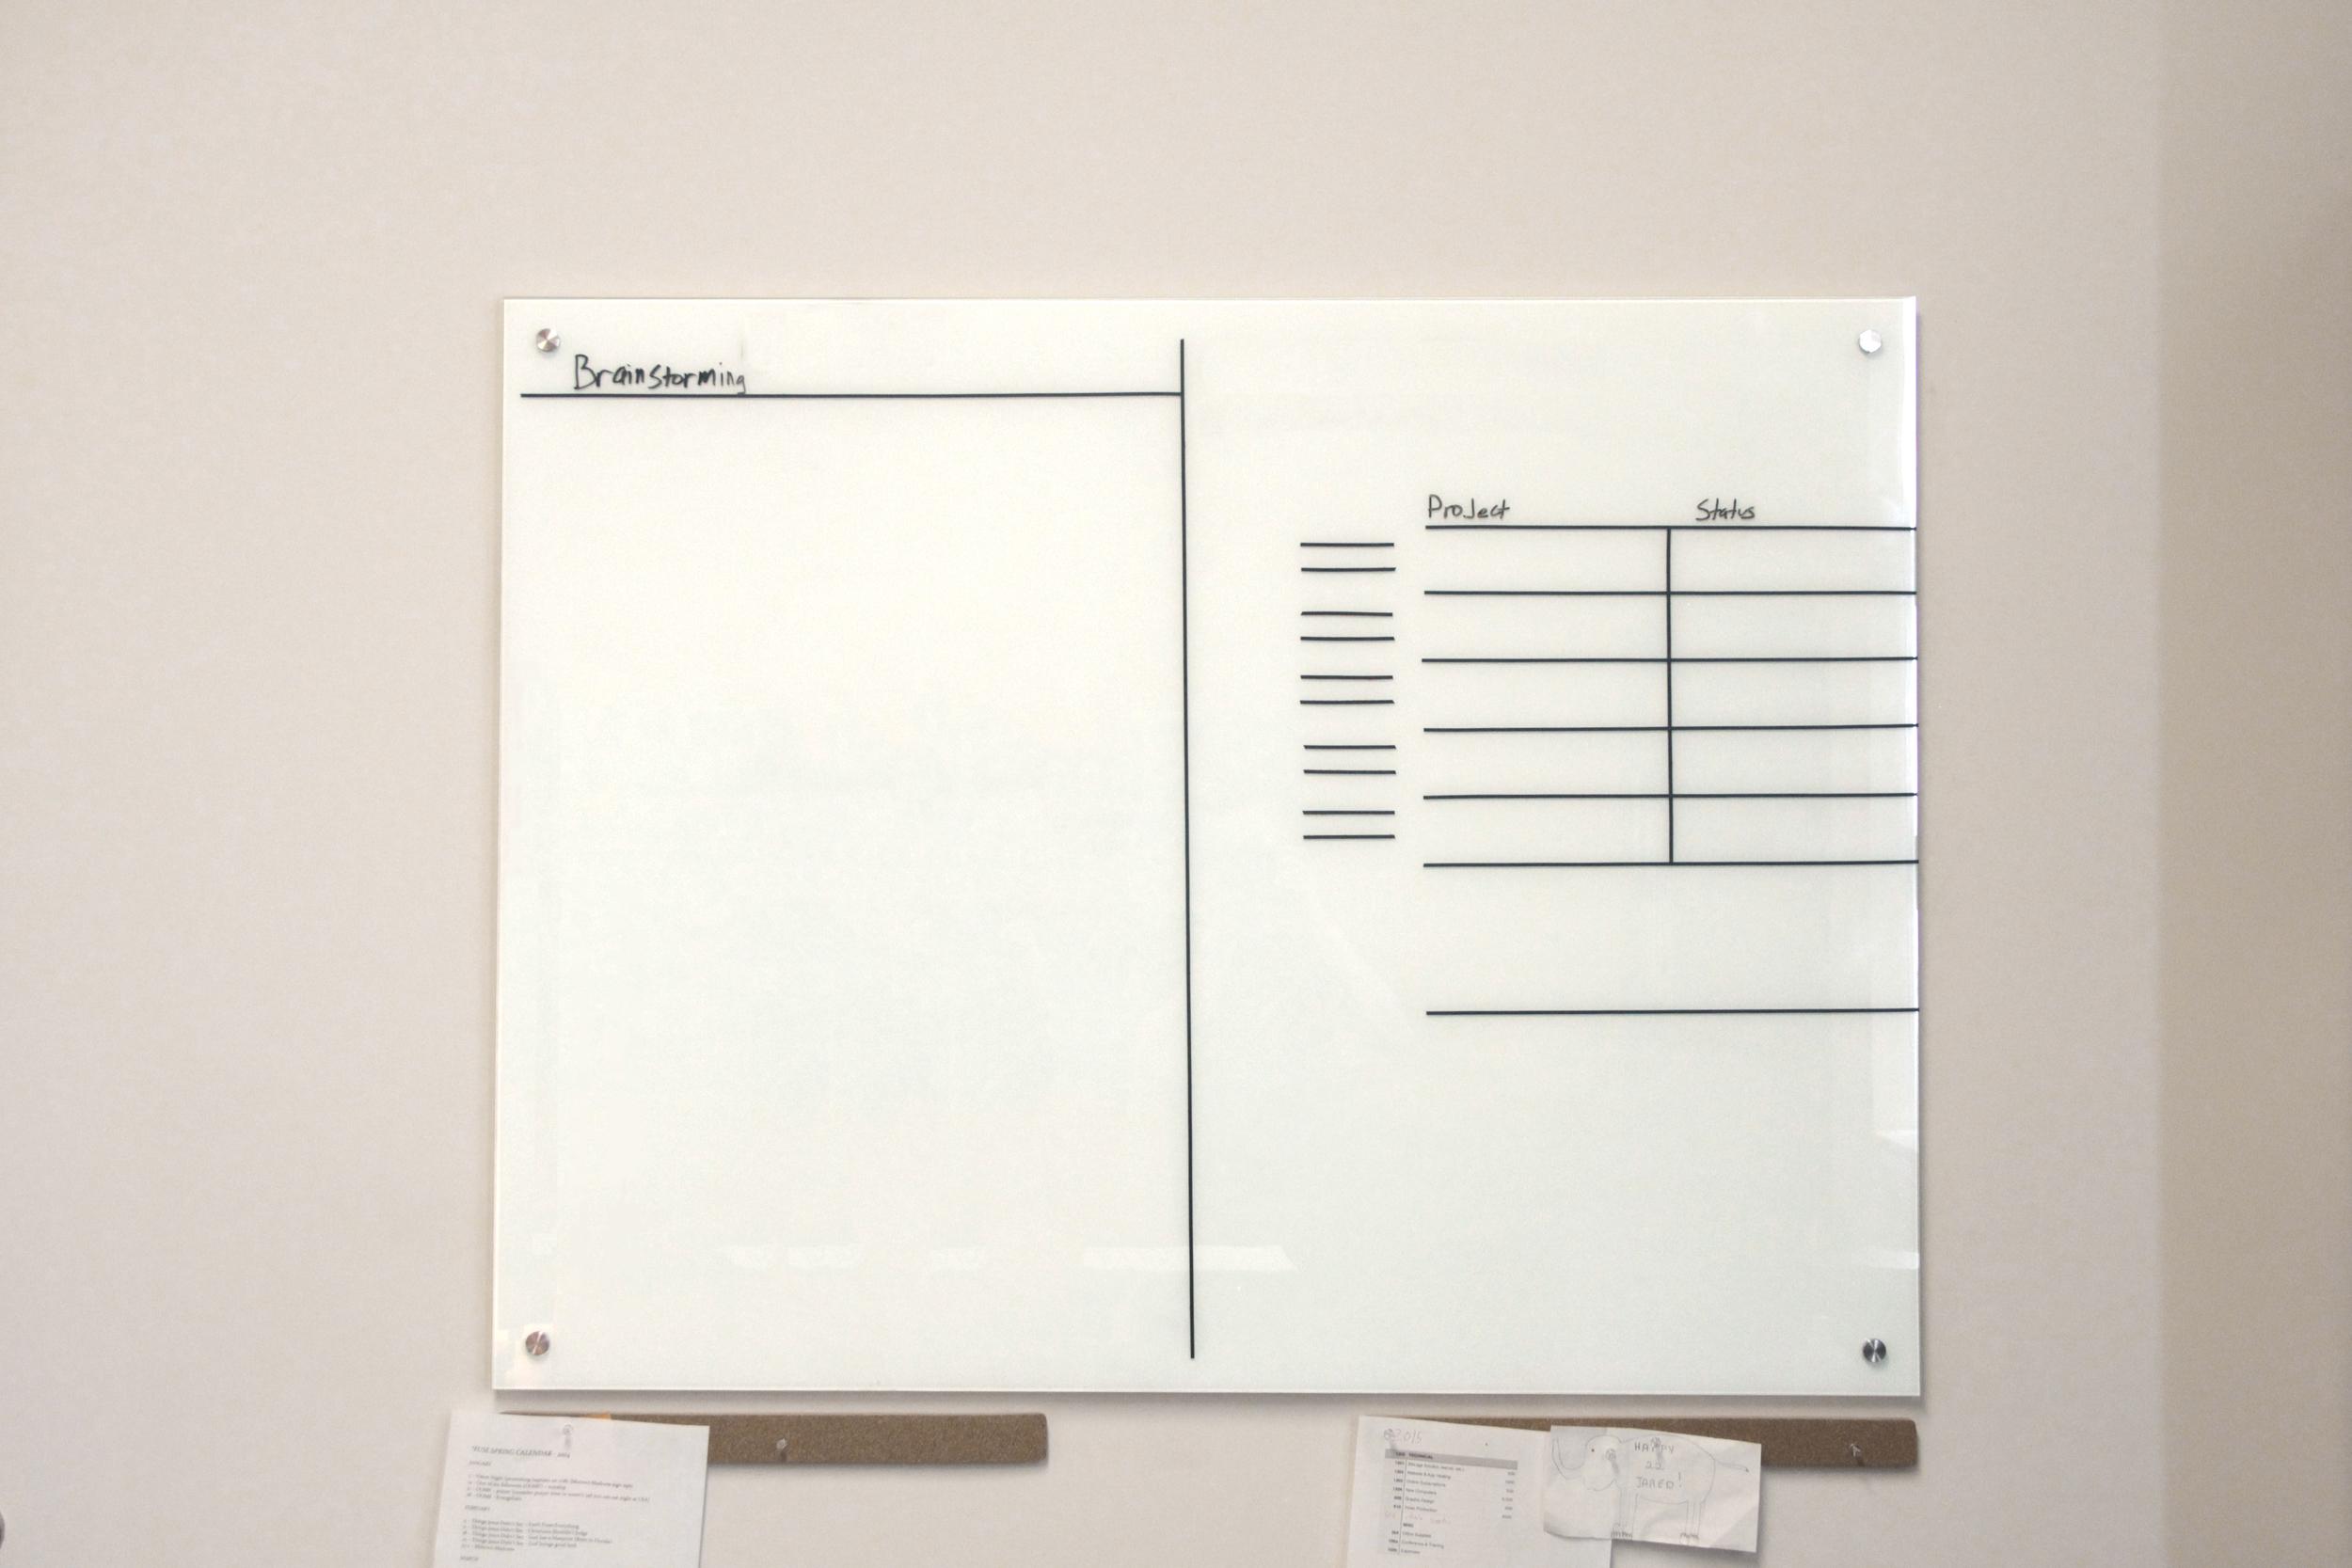 Whiteboard Layout